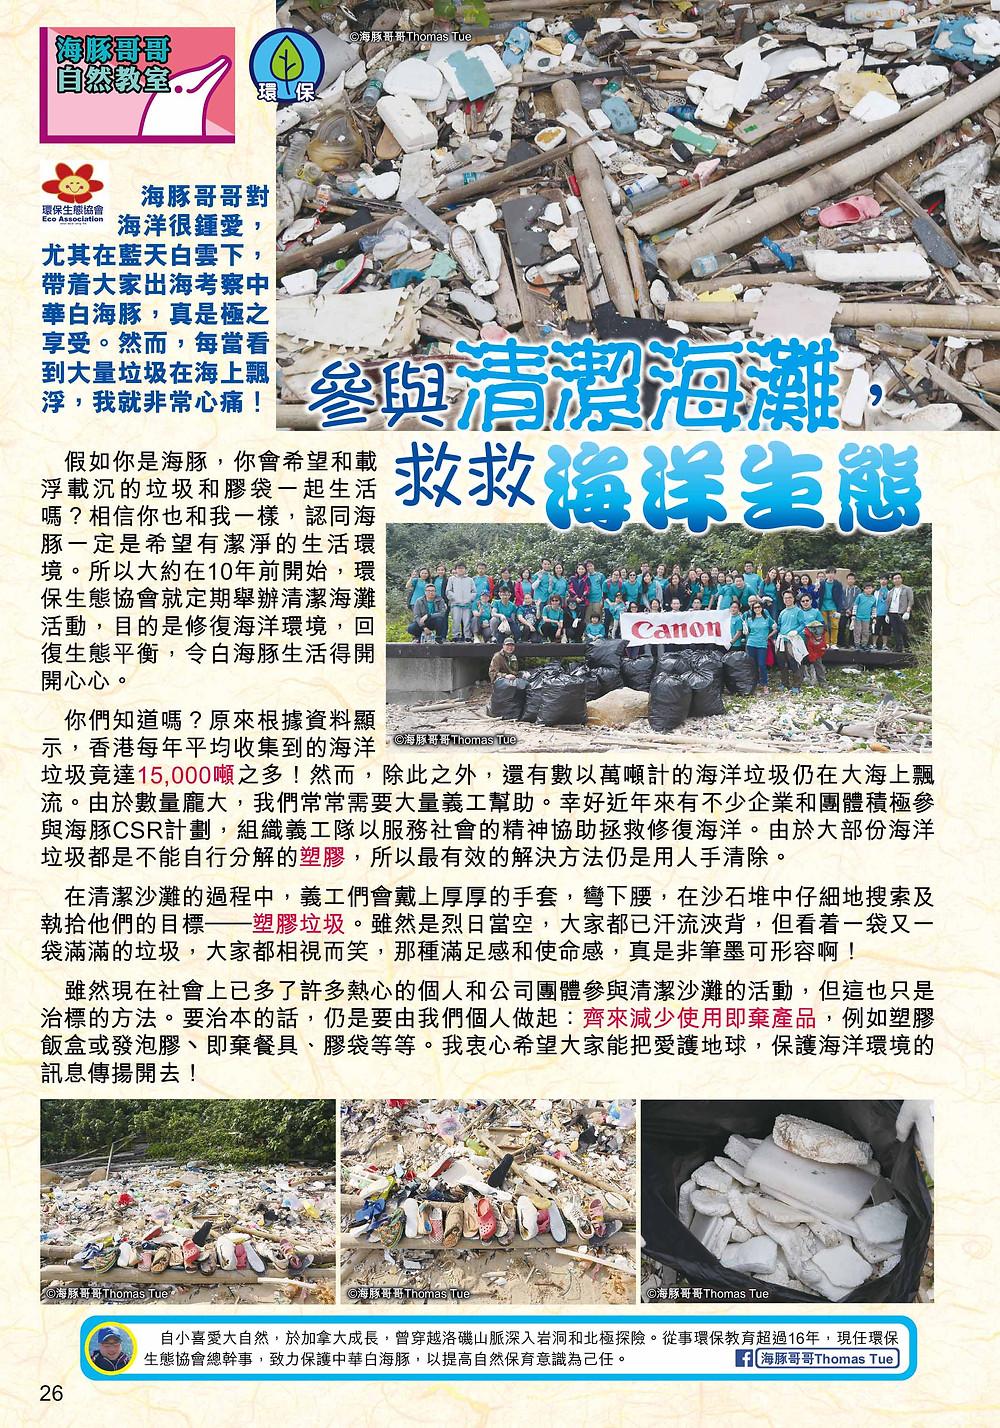 海豚哥哥 Mr Dolphins 《兒童的科學》雜誌專欄作者,原文刊登於《兒童的科學》第142期,保育中華白海豚 - 清潔海洋